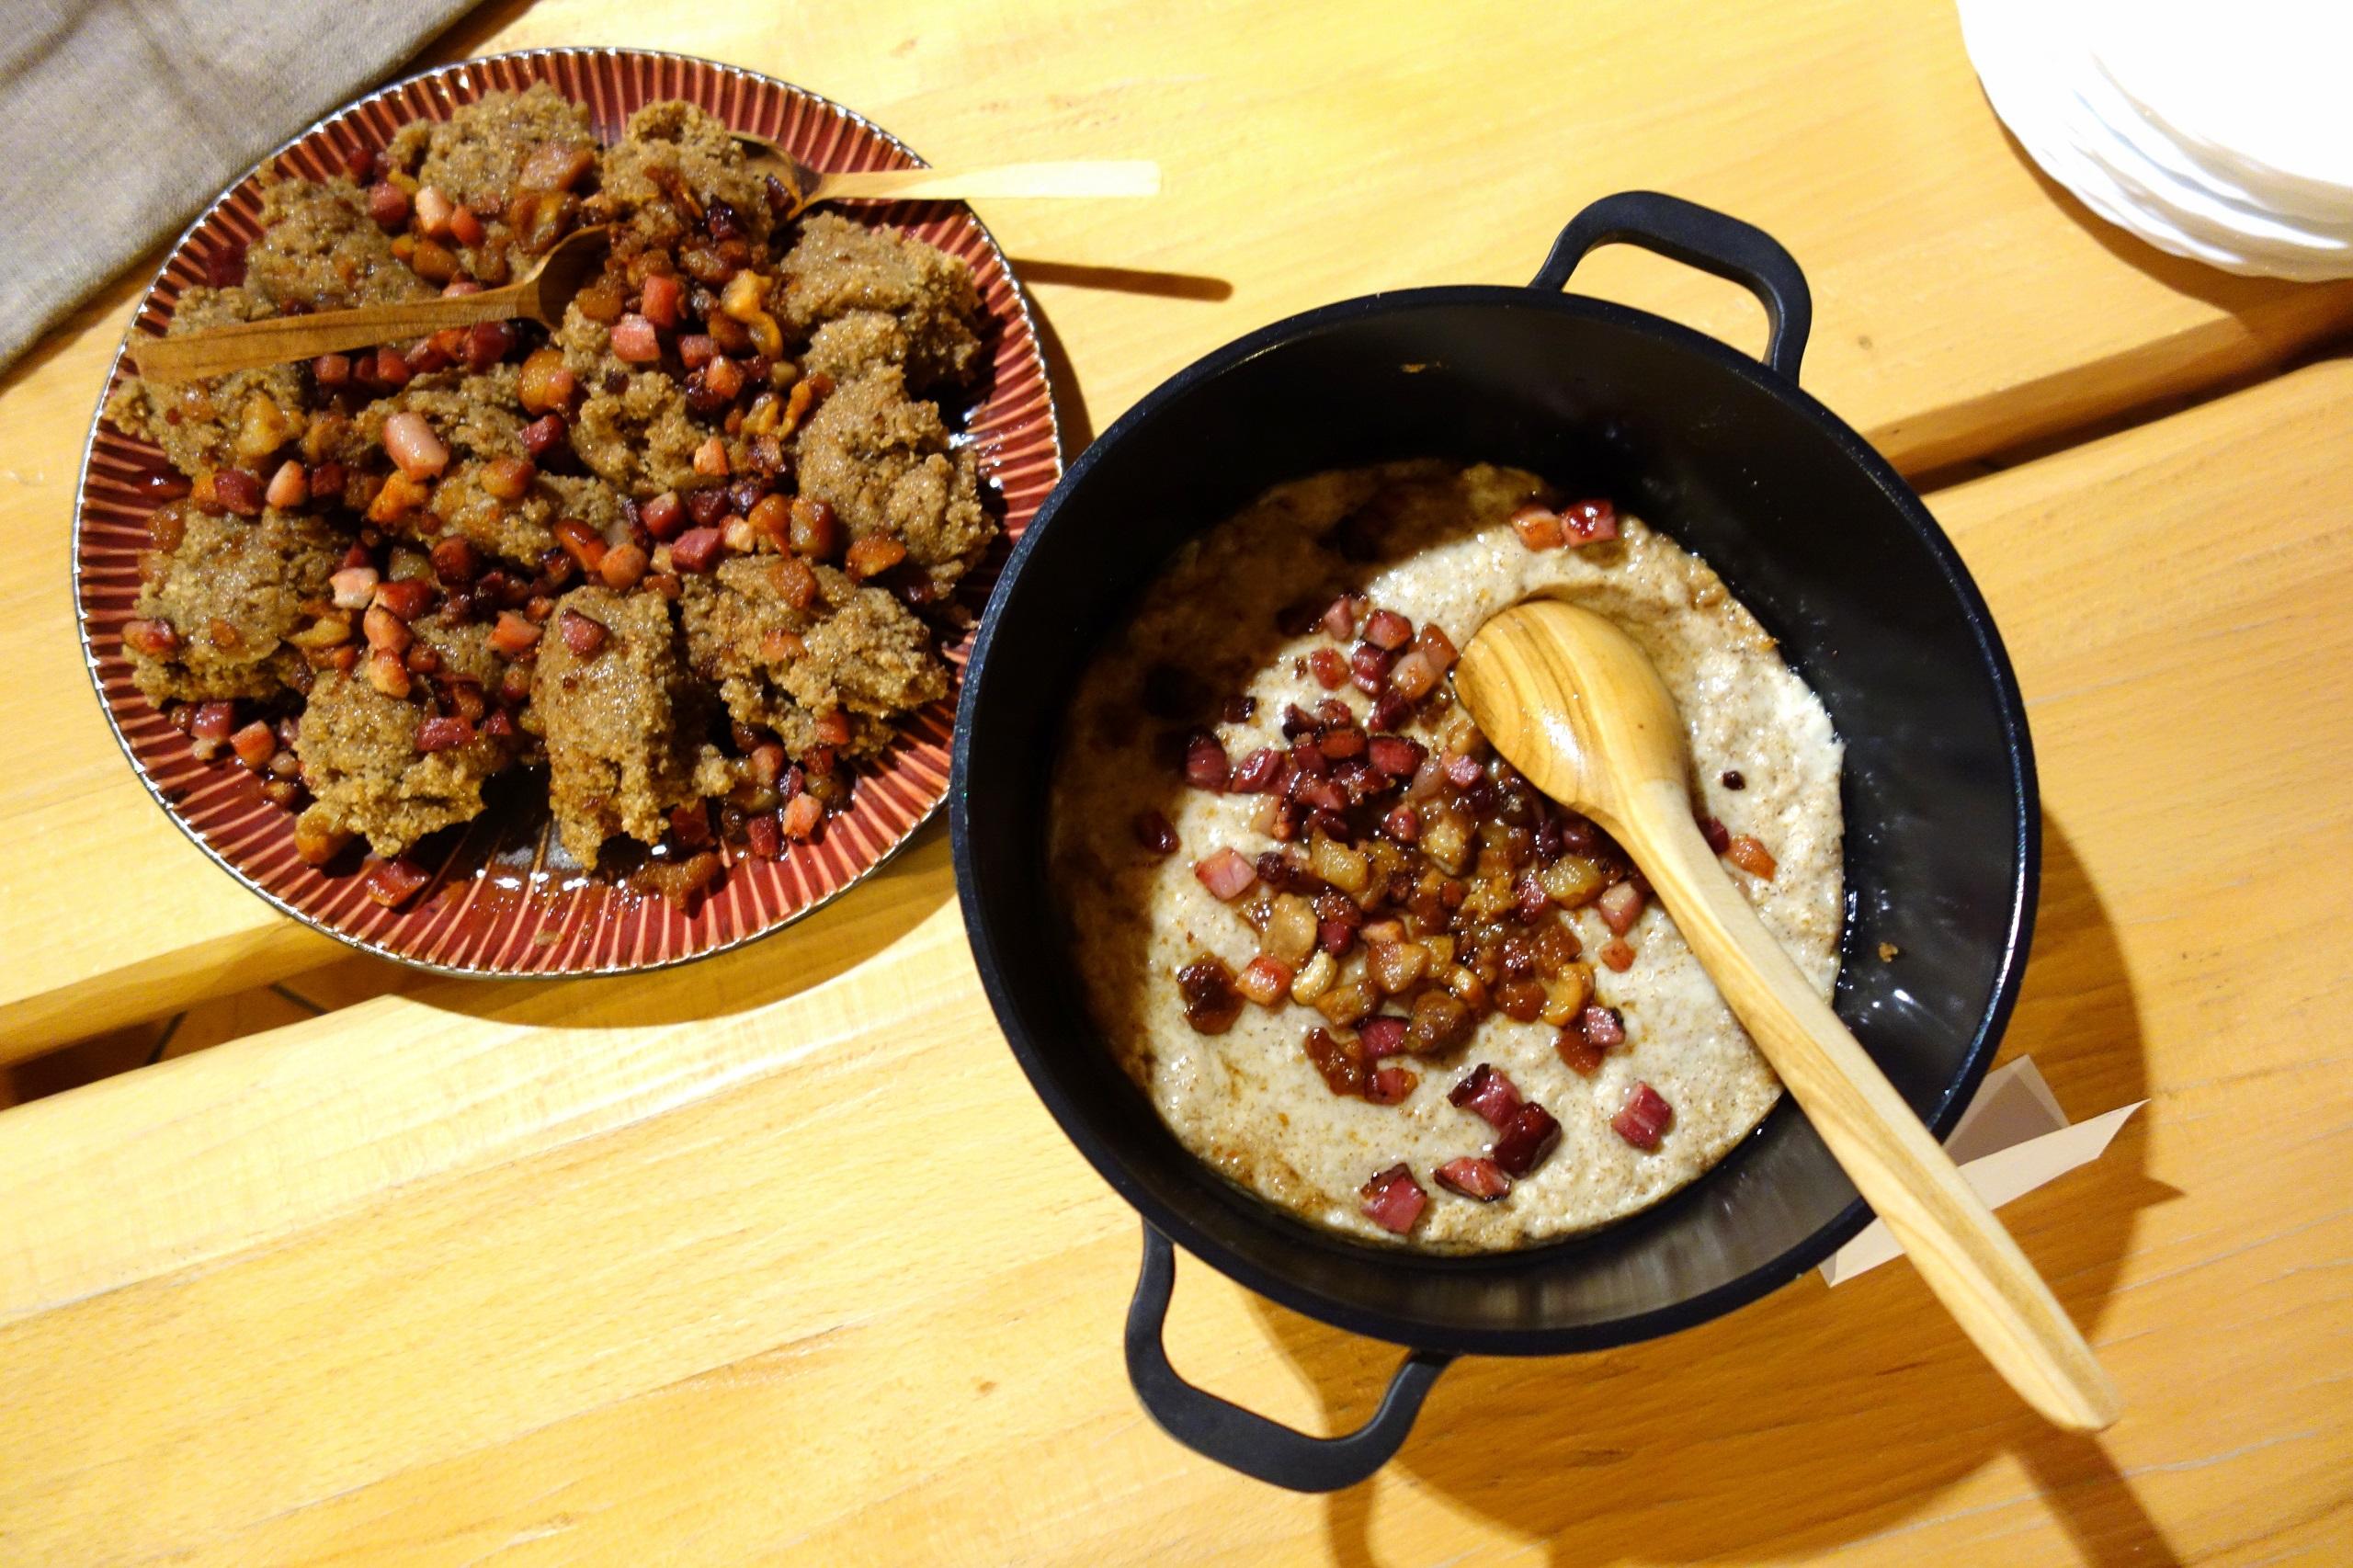 Prażucha ze spyrkami - dania śląskie, których nie znaliście